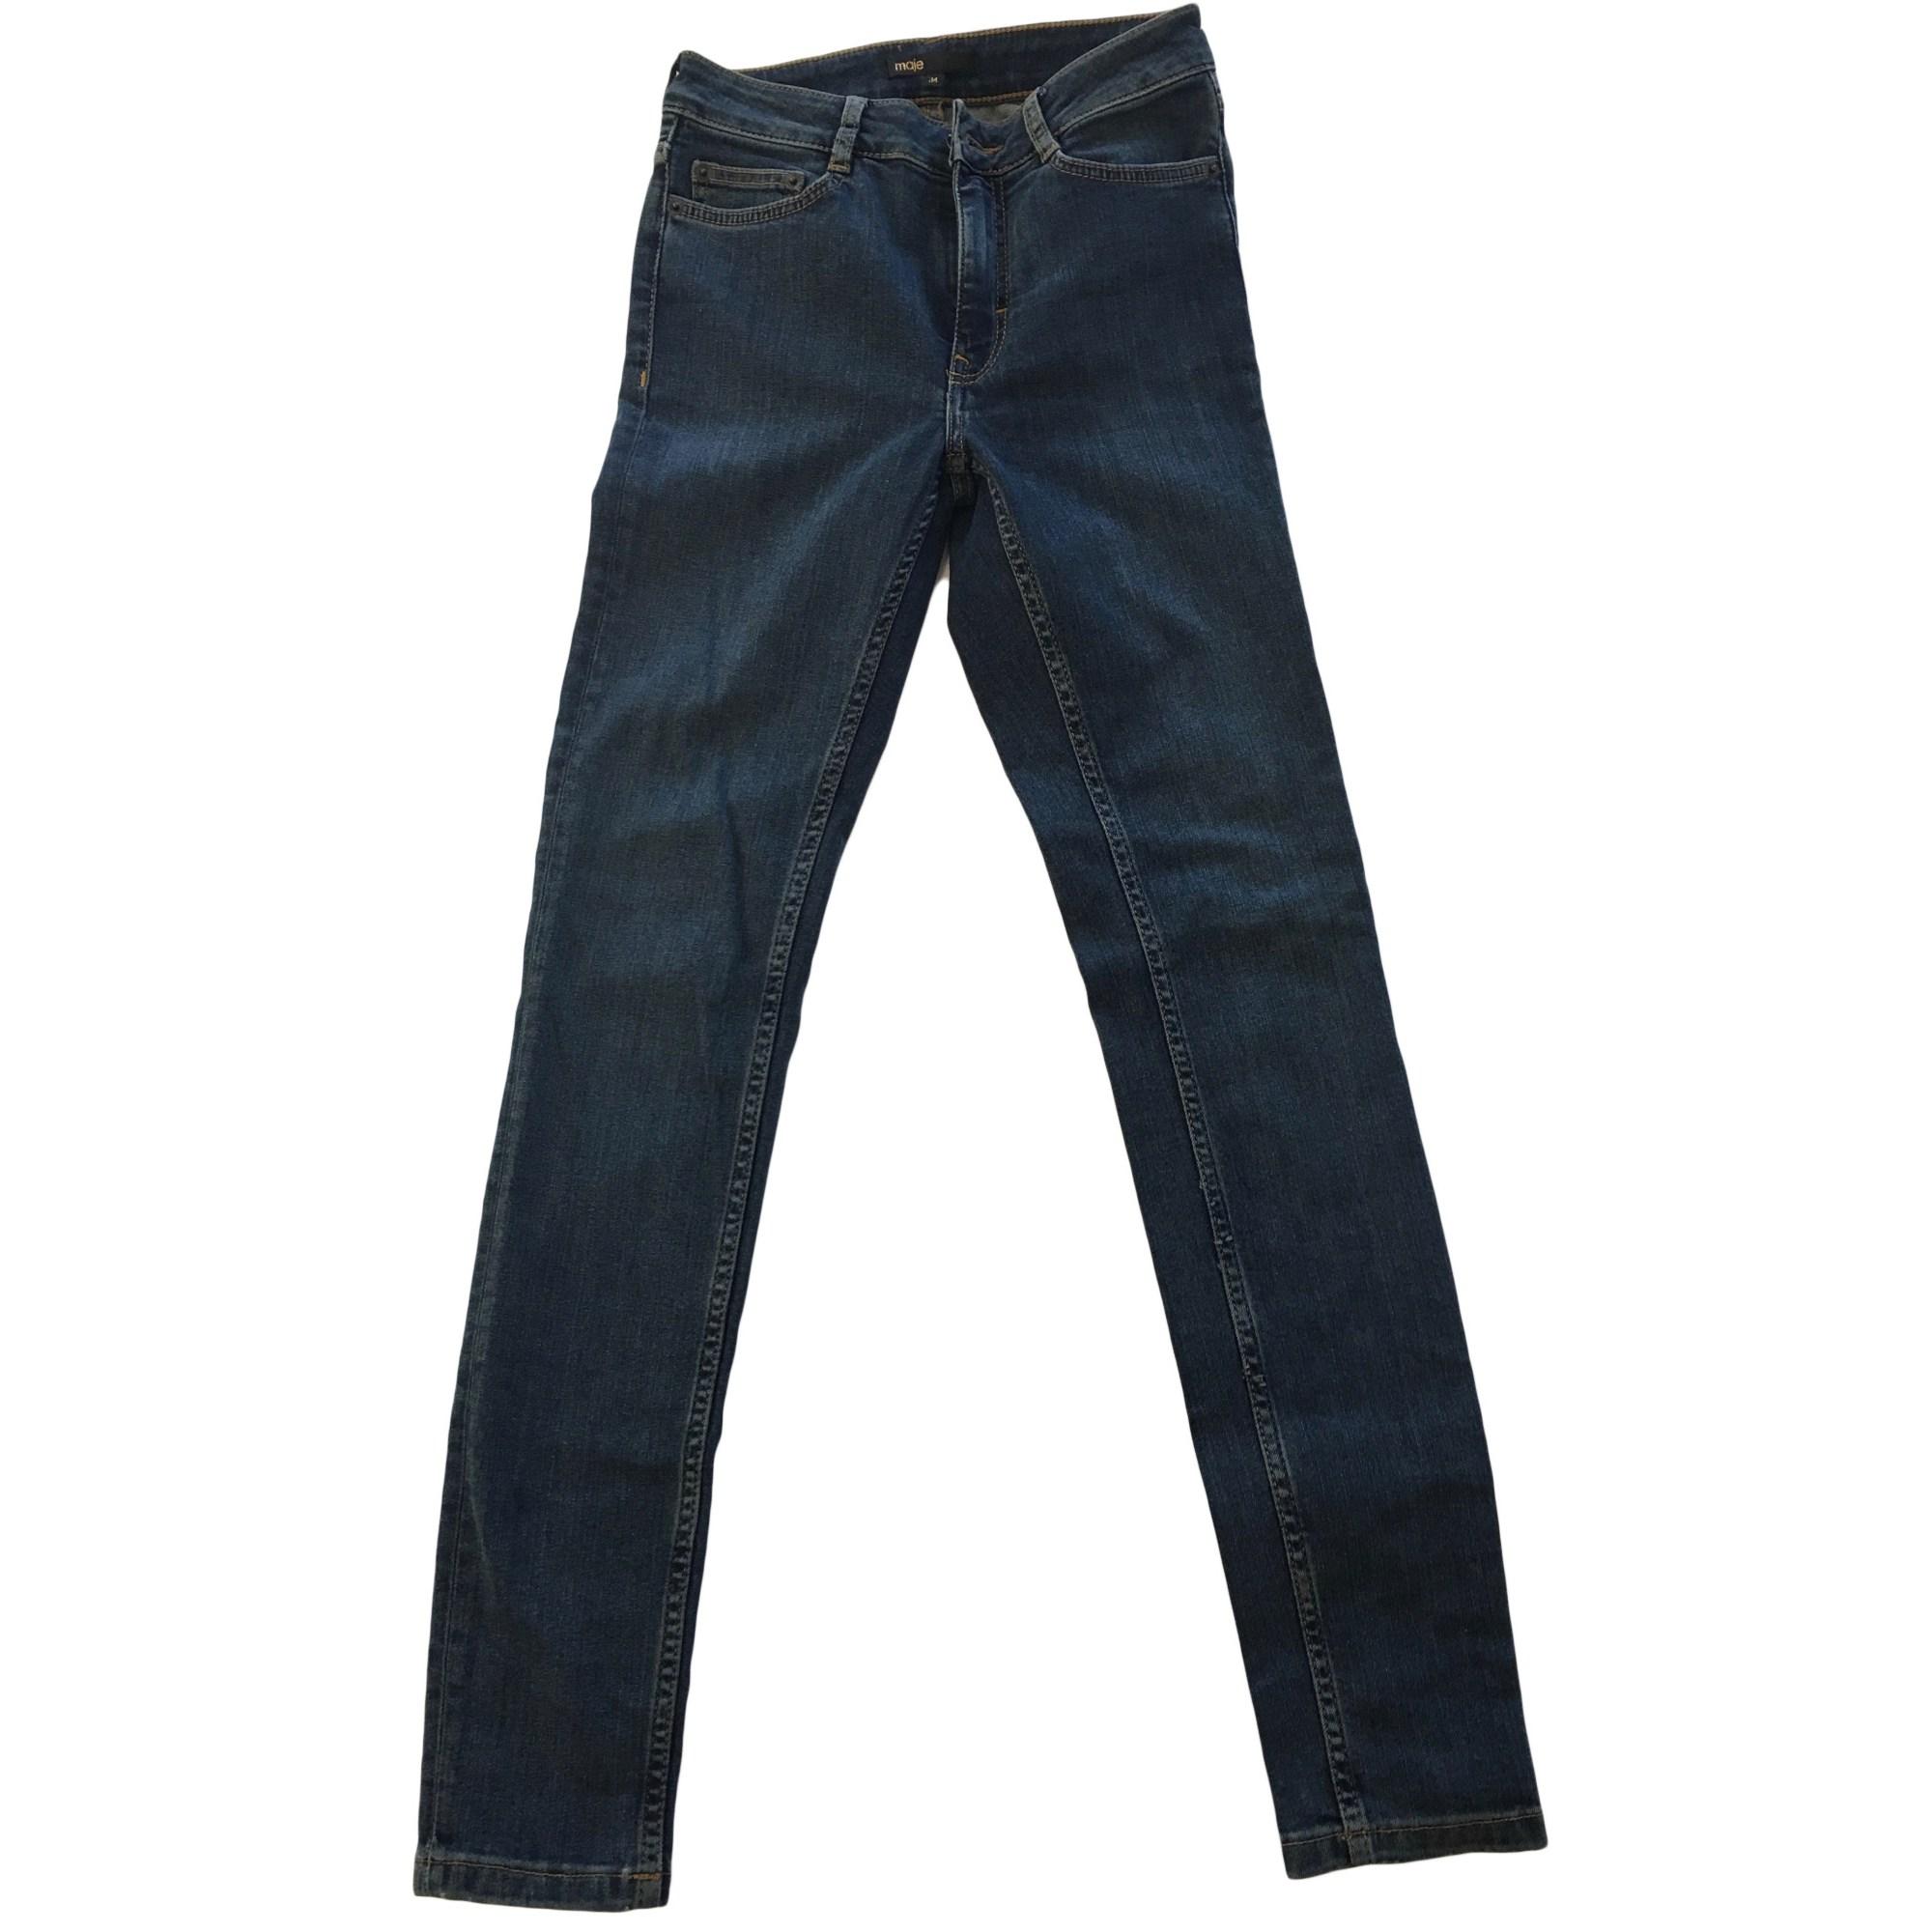 Jeans slim MAJE Blu, blu navy, turchese